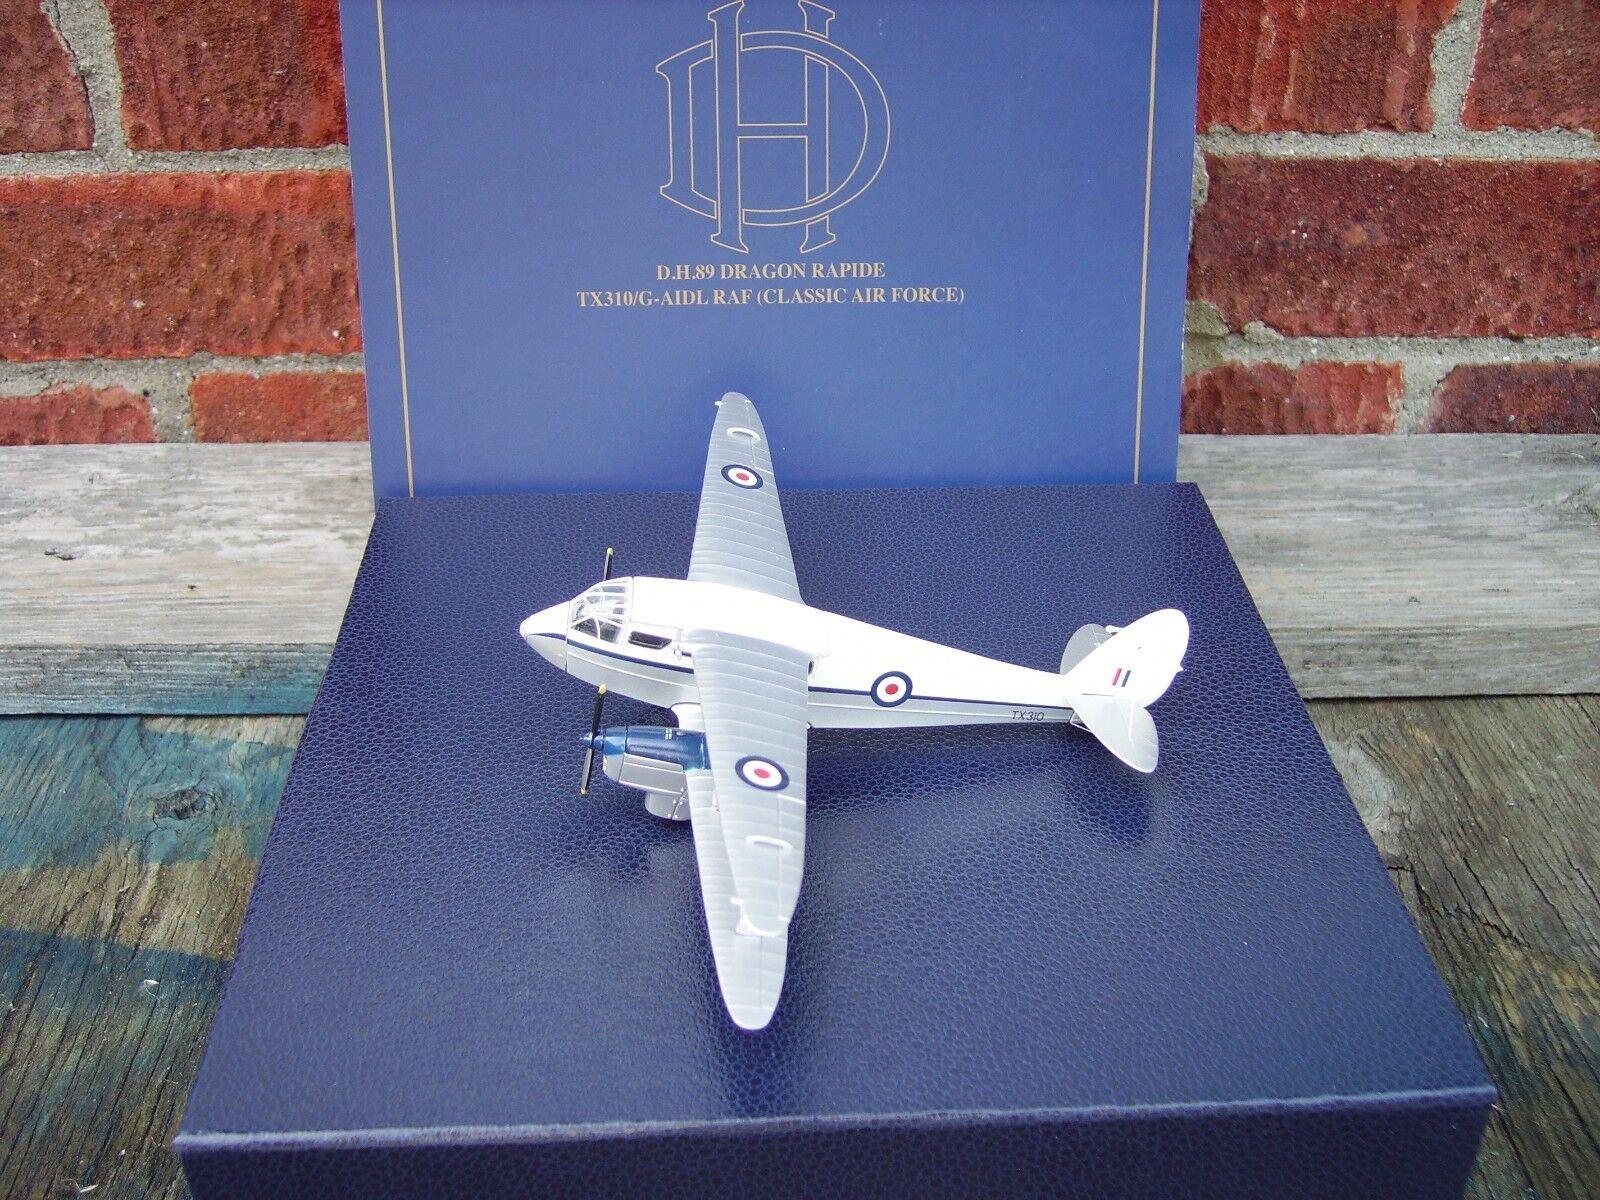 OXFORD DIECAST 1 72 SCALE DH.DRAGON RAPIDE  RAF CLASSIC AIR FORCE TX310 G-AIDL